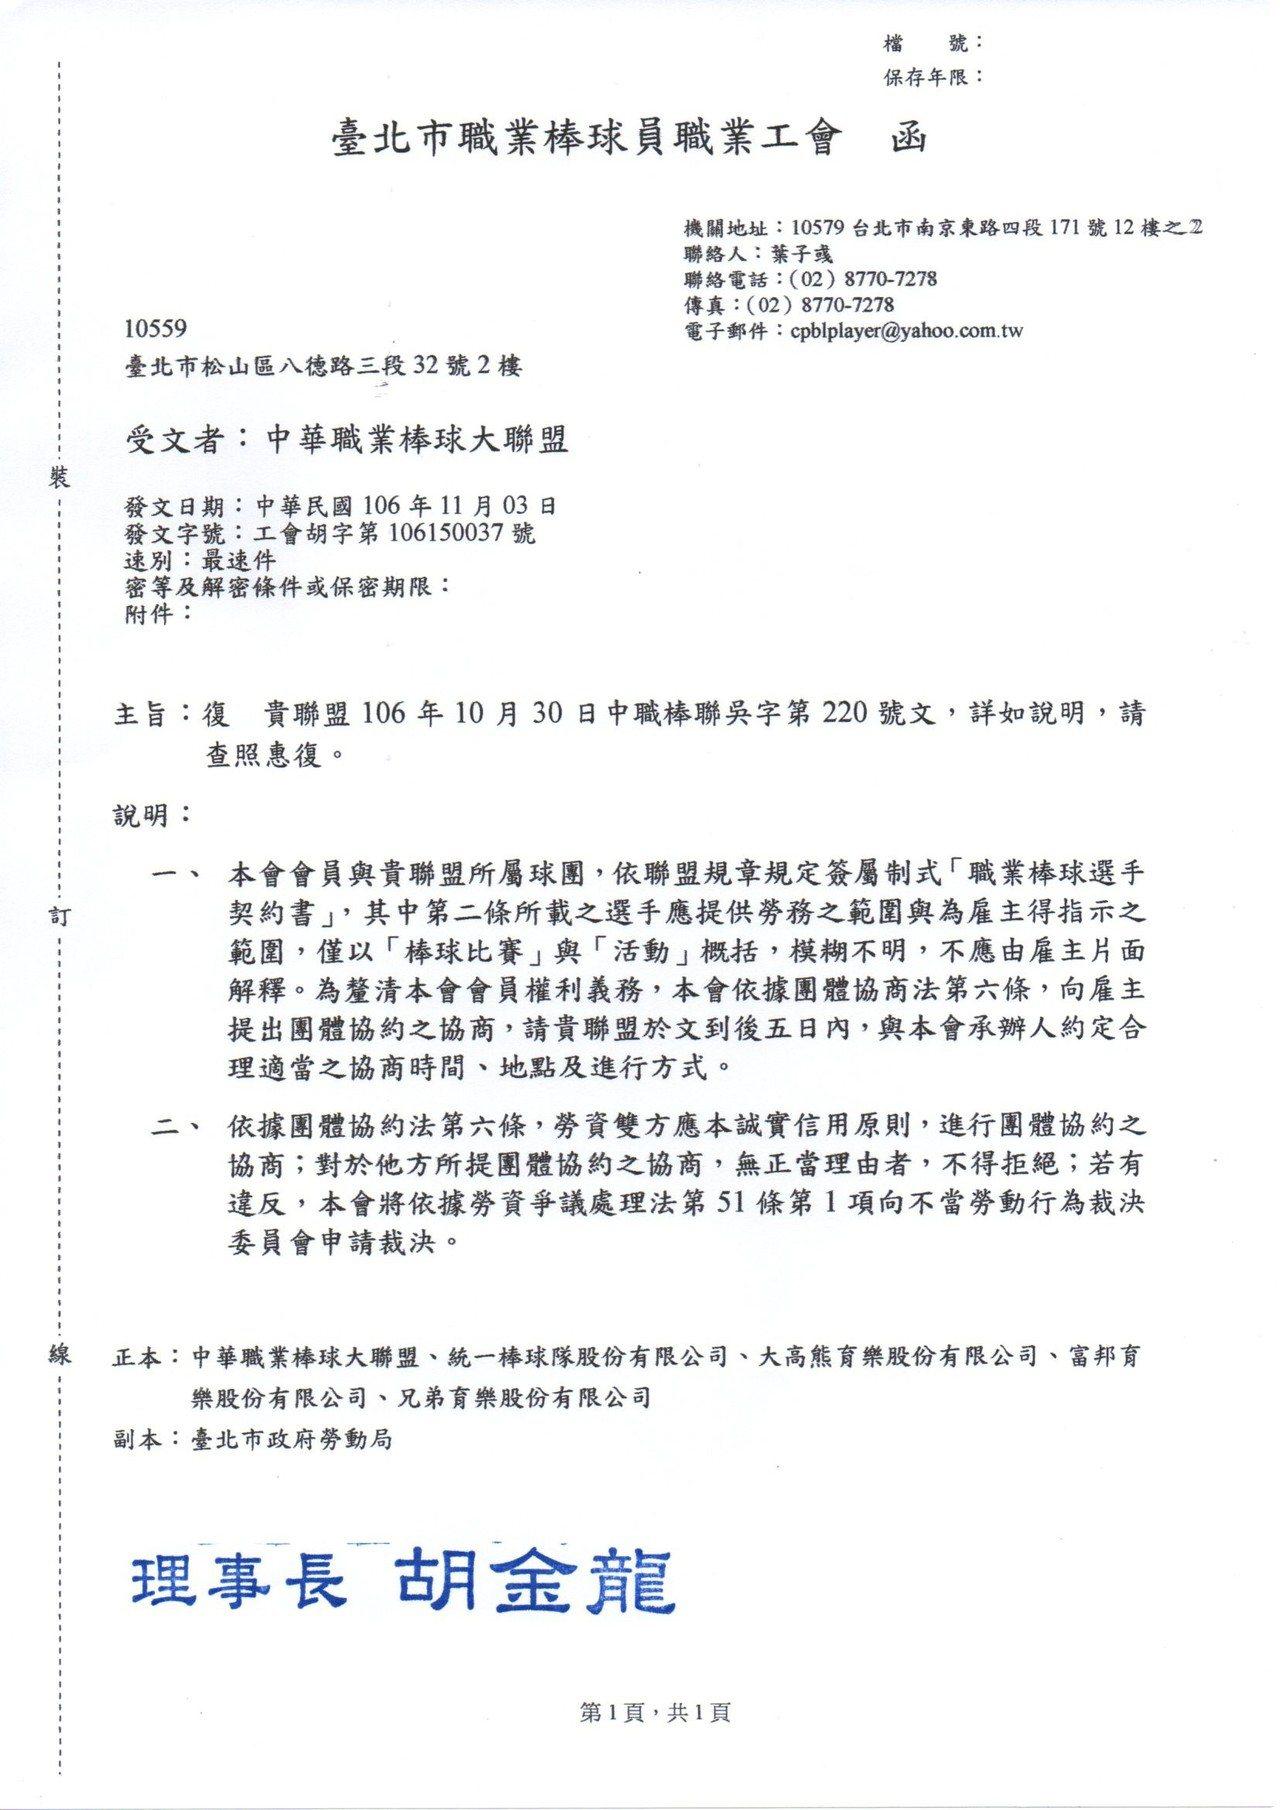 附件6:第二次要求團體協商。